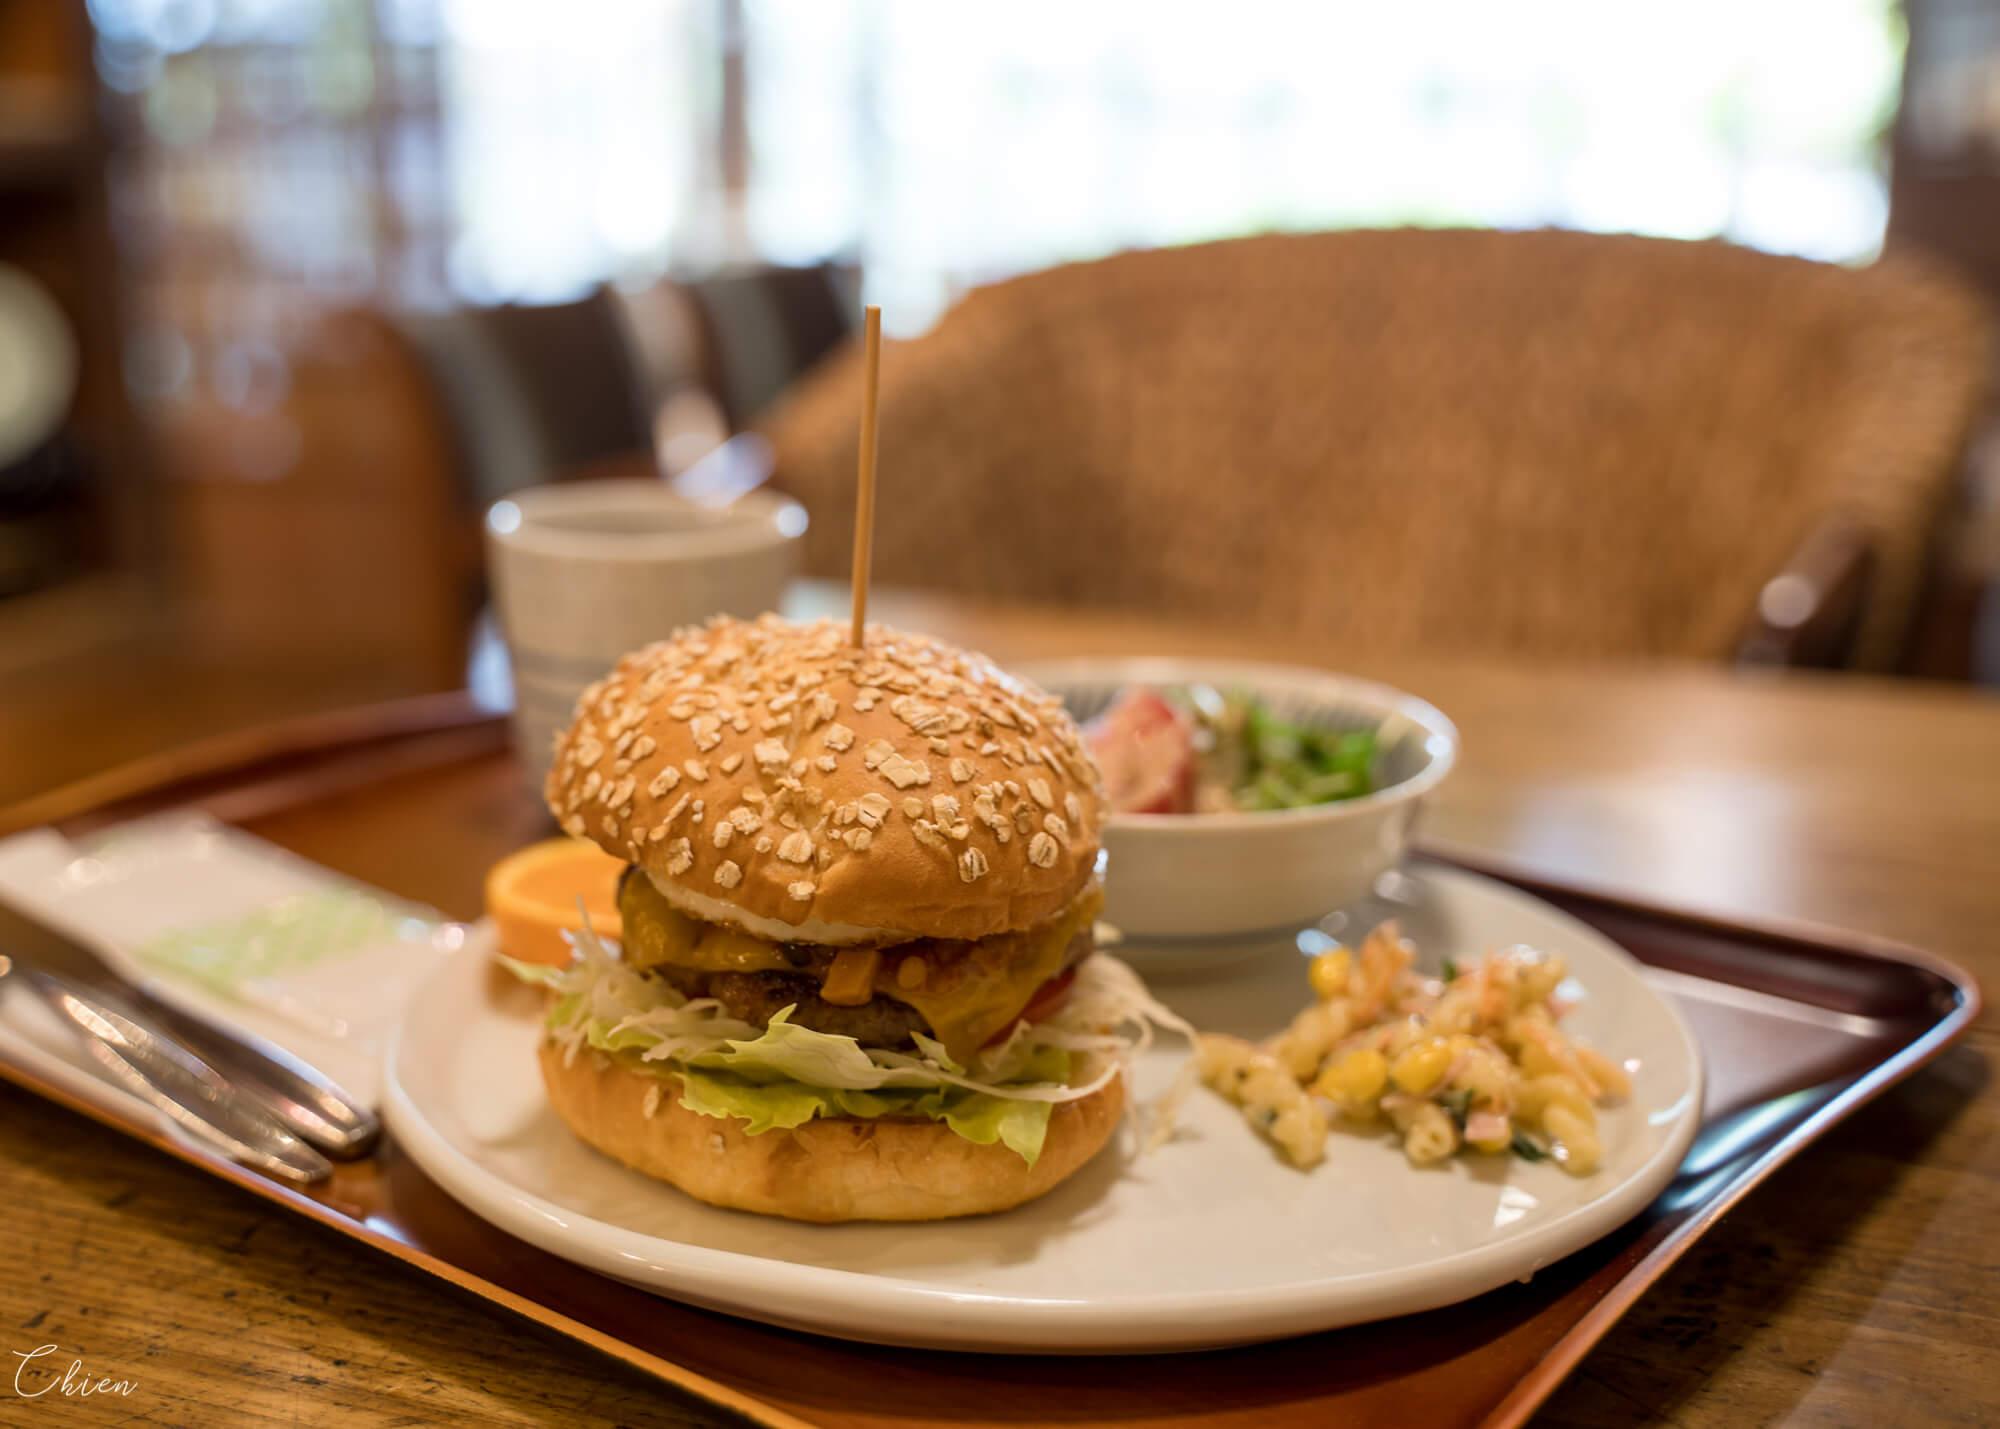 愛媛道後溫泉 漢堡午餐咖啡廳